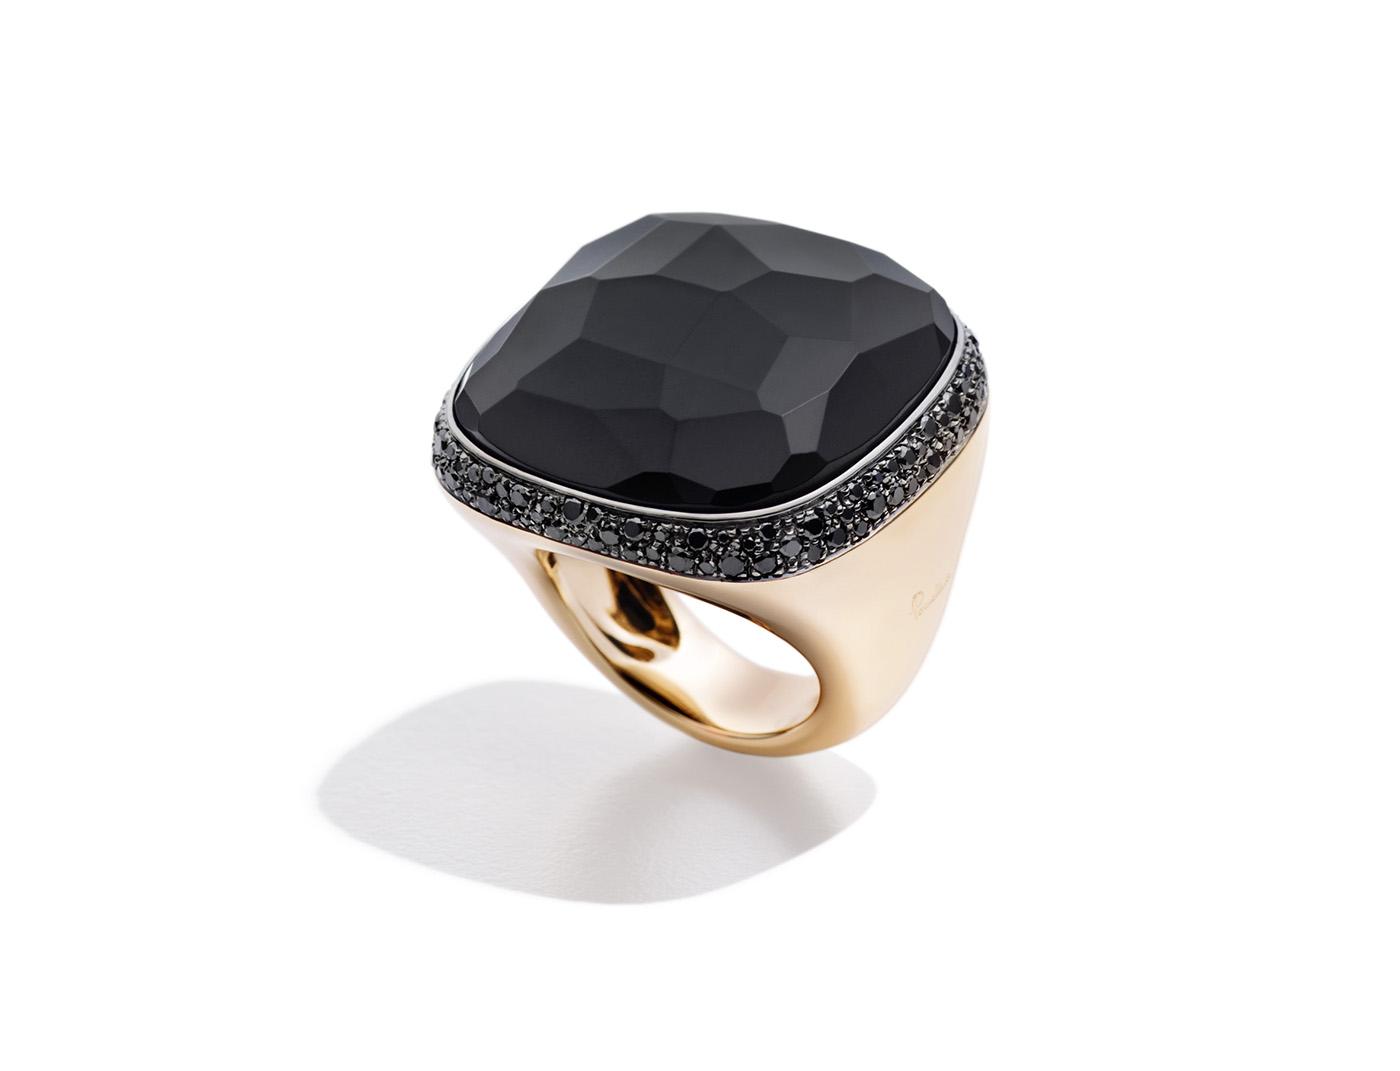 Victoria ring by Pomellato